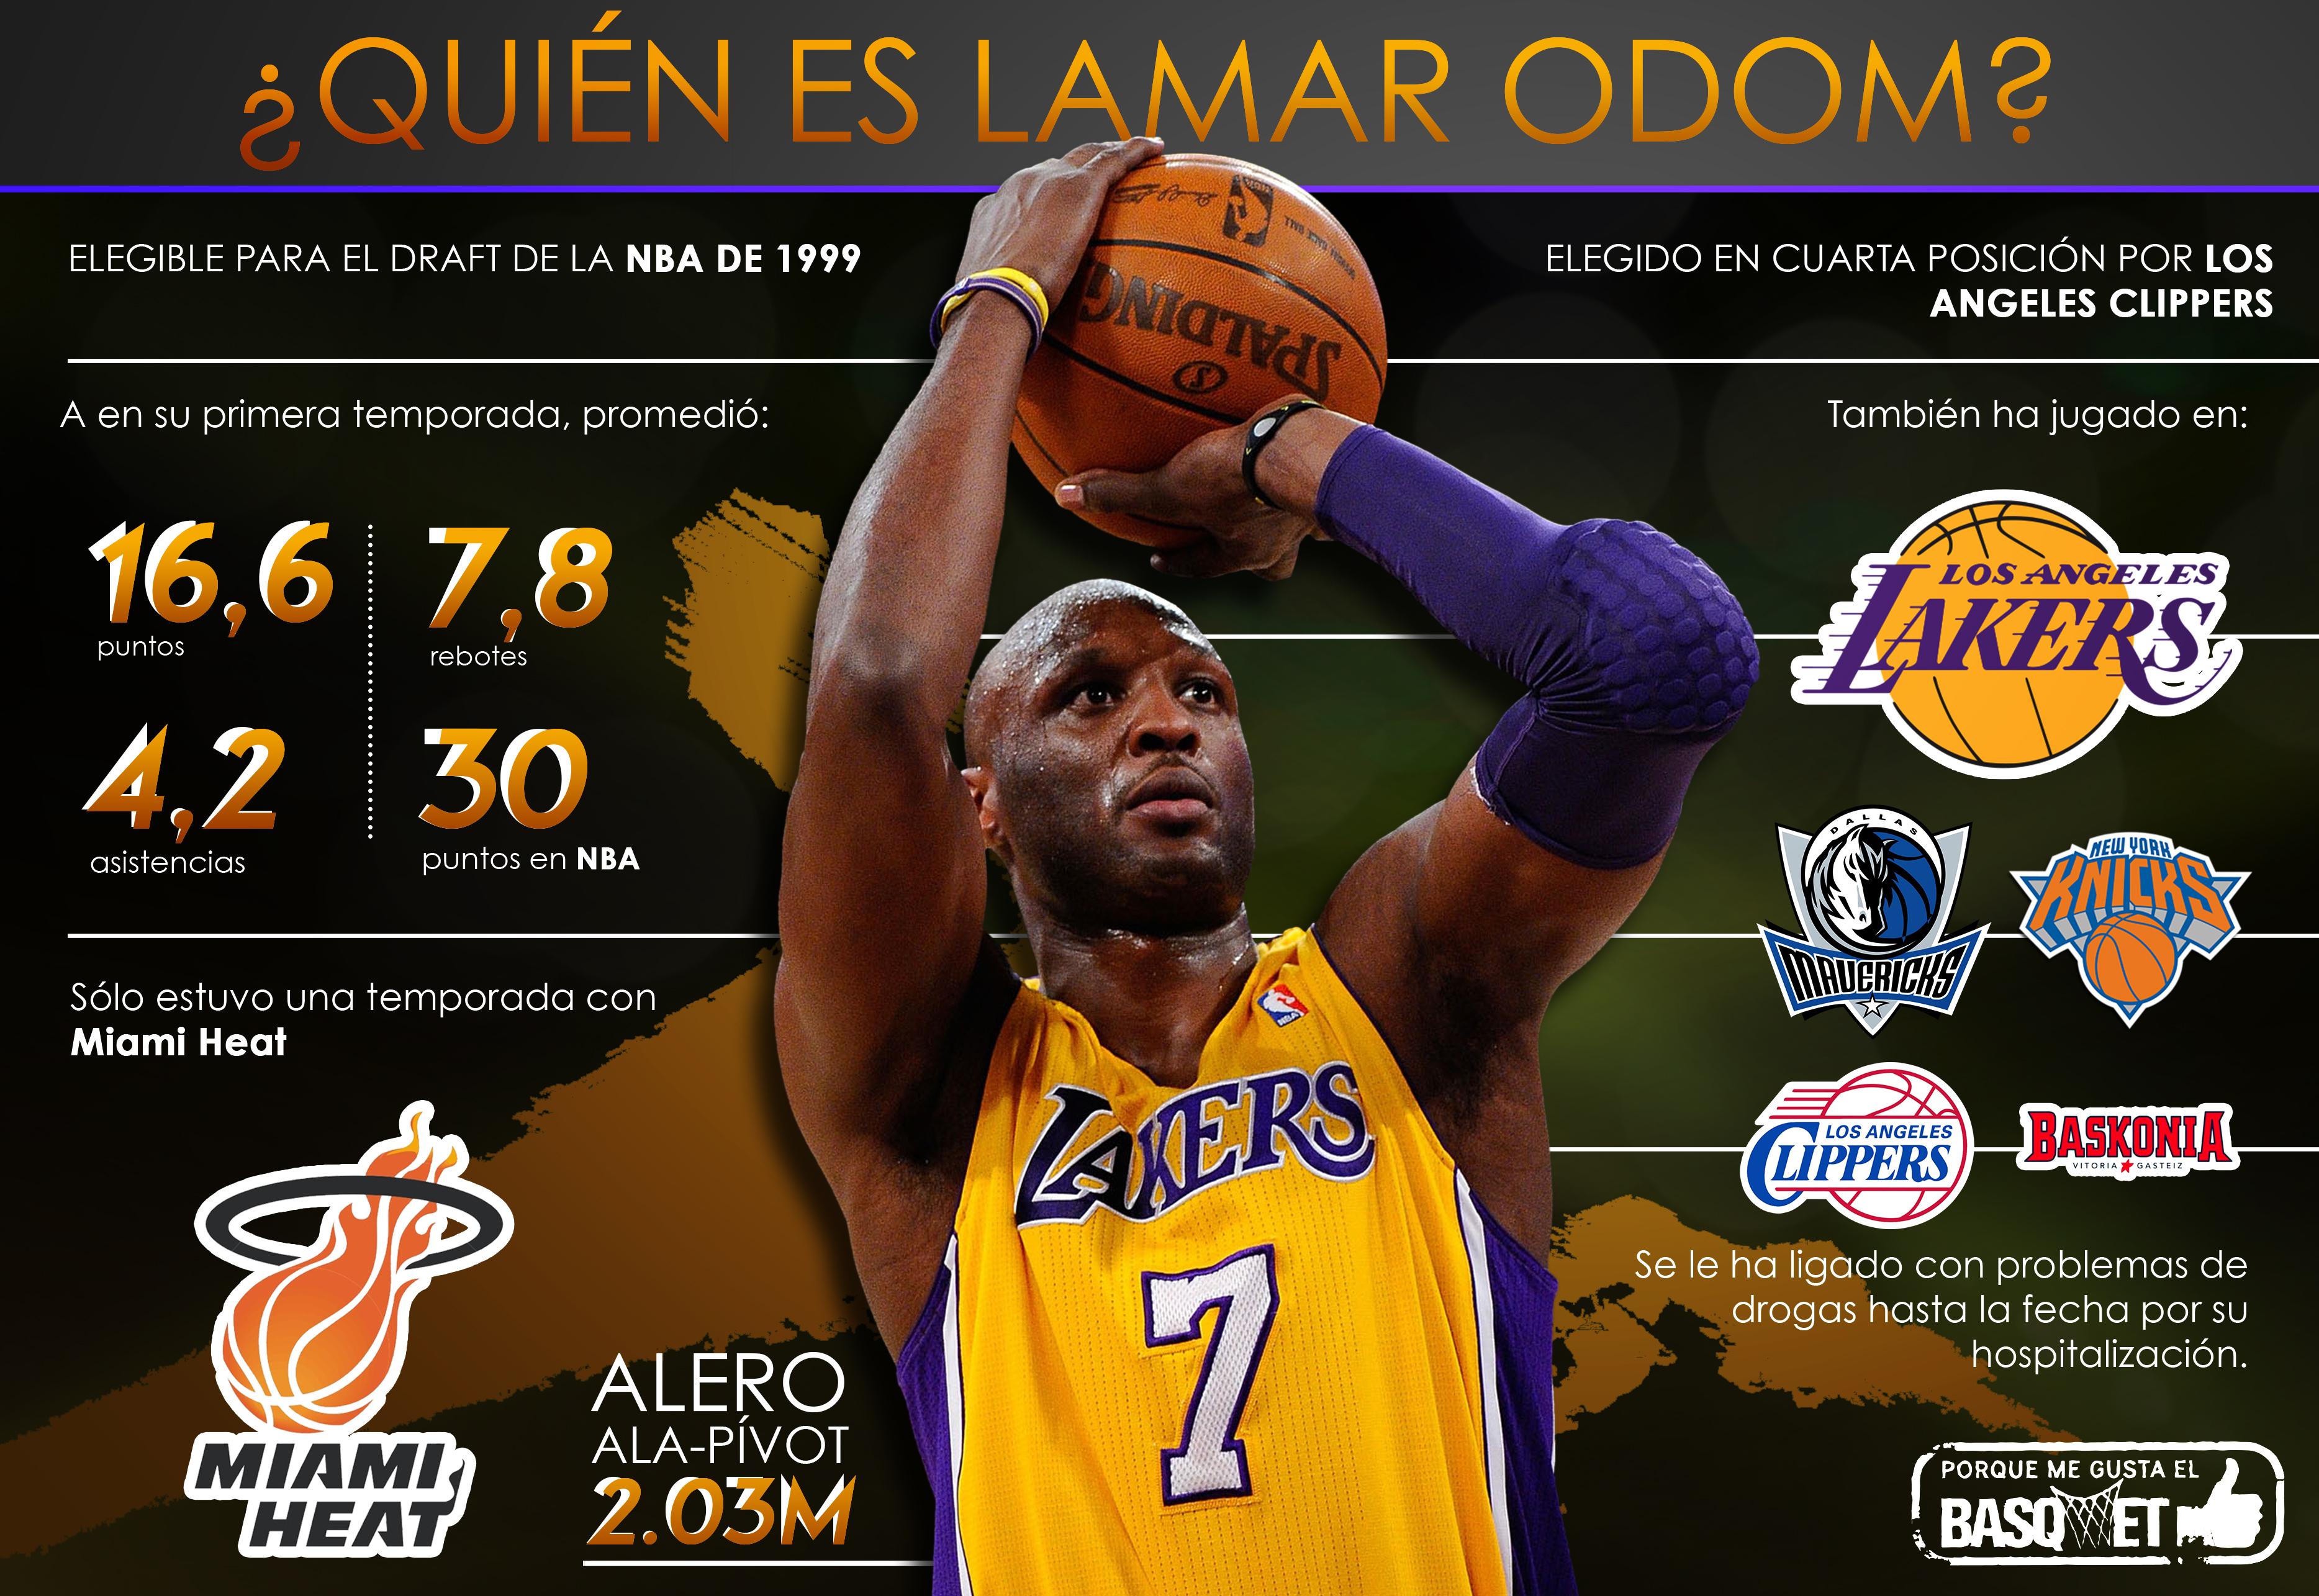 ¿Quién es Lamar Odom? por Viva Basquet